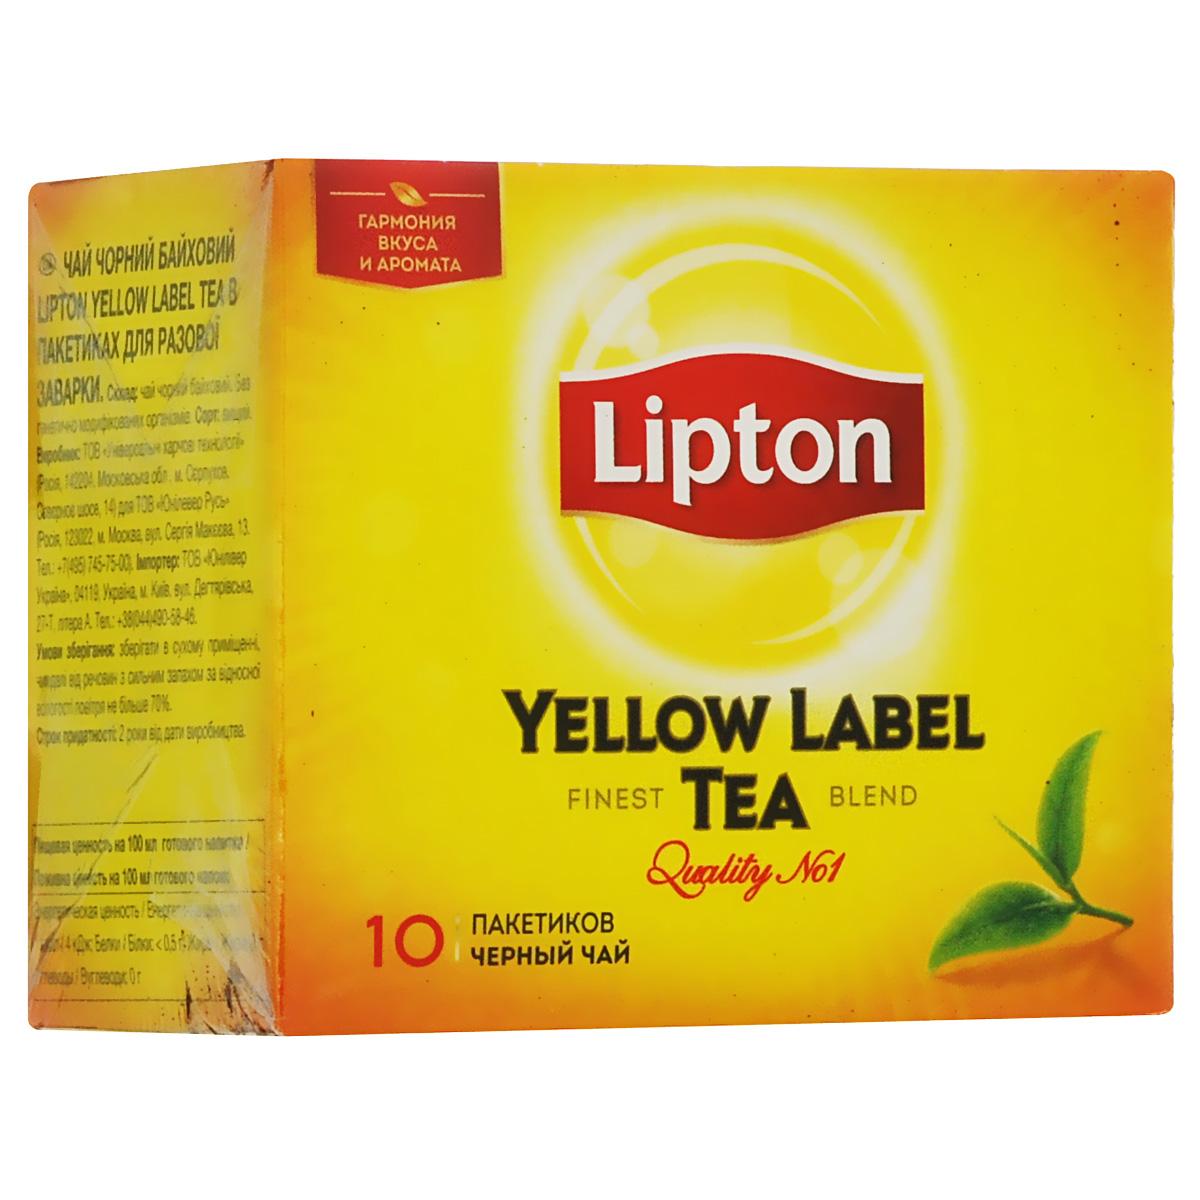 Lipton Yellow Label Черный чай Черный 10 шт21187918/65417128Lipton Yellow Label - черный байховый чай в пакетиках для разовой заварки.Специалисты Lipton внимательно следят за каждым этапом создания чая, начиная с рождения чайного листа и заканчивая купажированием, чтобы Вы могли в полной мере насладиться гармонией вкуса и аромата черного чая Lipton Yellow Label. Нежные чайные листочки, выращенные под теплыми лучами солнца, дарят чаю Lipton насыщенный вкус и превосходный богатый аромат. Ощутите тепло солнца в каждой чашке чая Lipton.